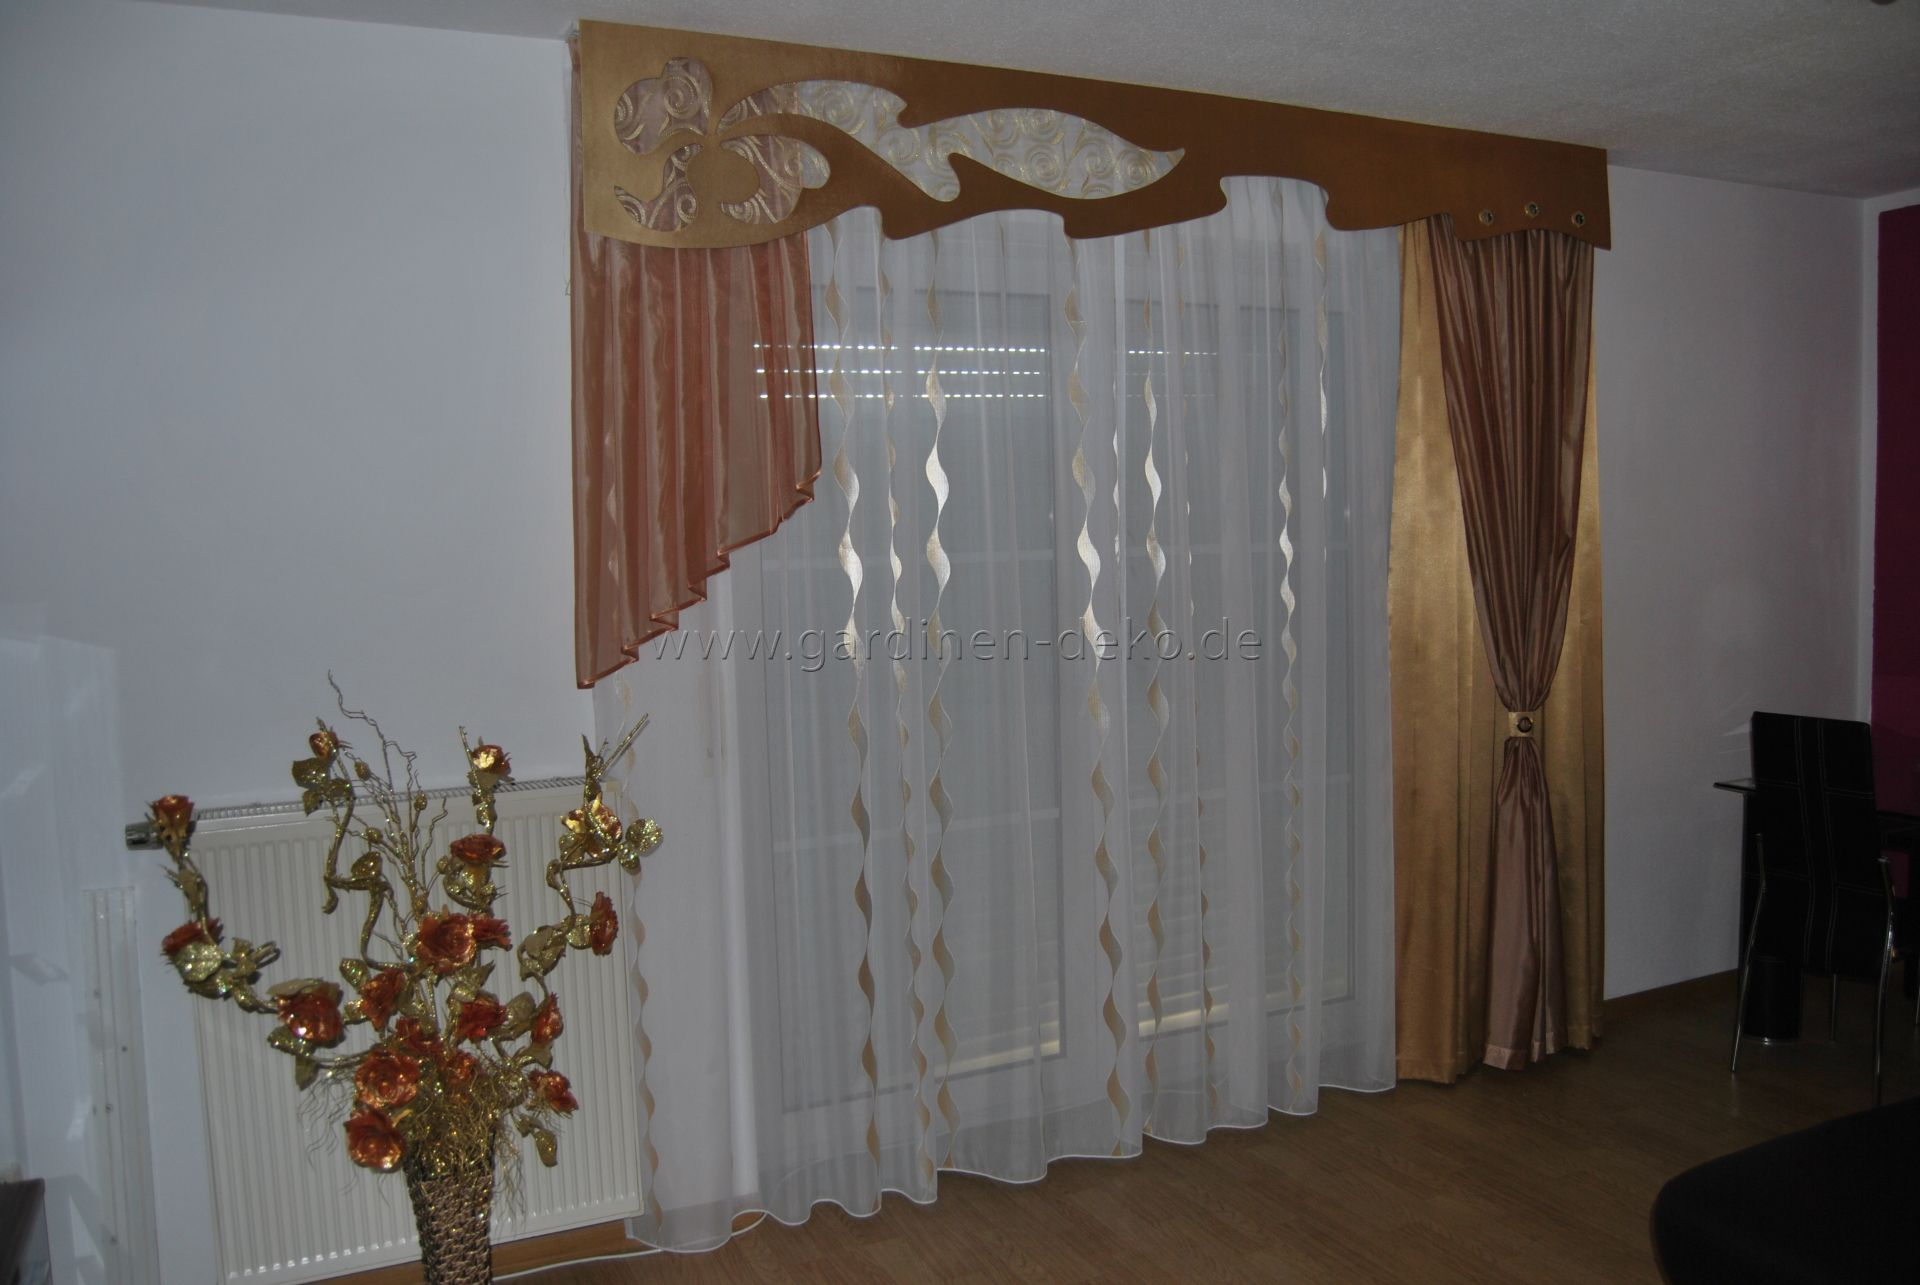 klassischer wohnzimmer vorhang mit seitenschal in braun champagner. Black Bedroom Furniture Sets. Home Design Ideas